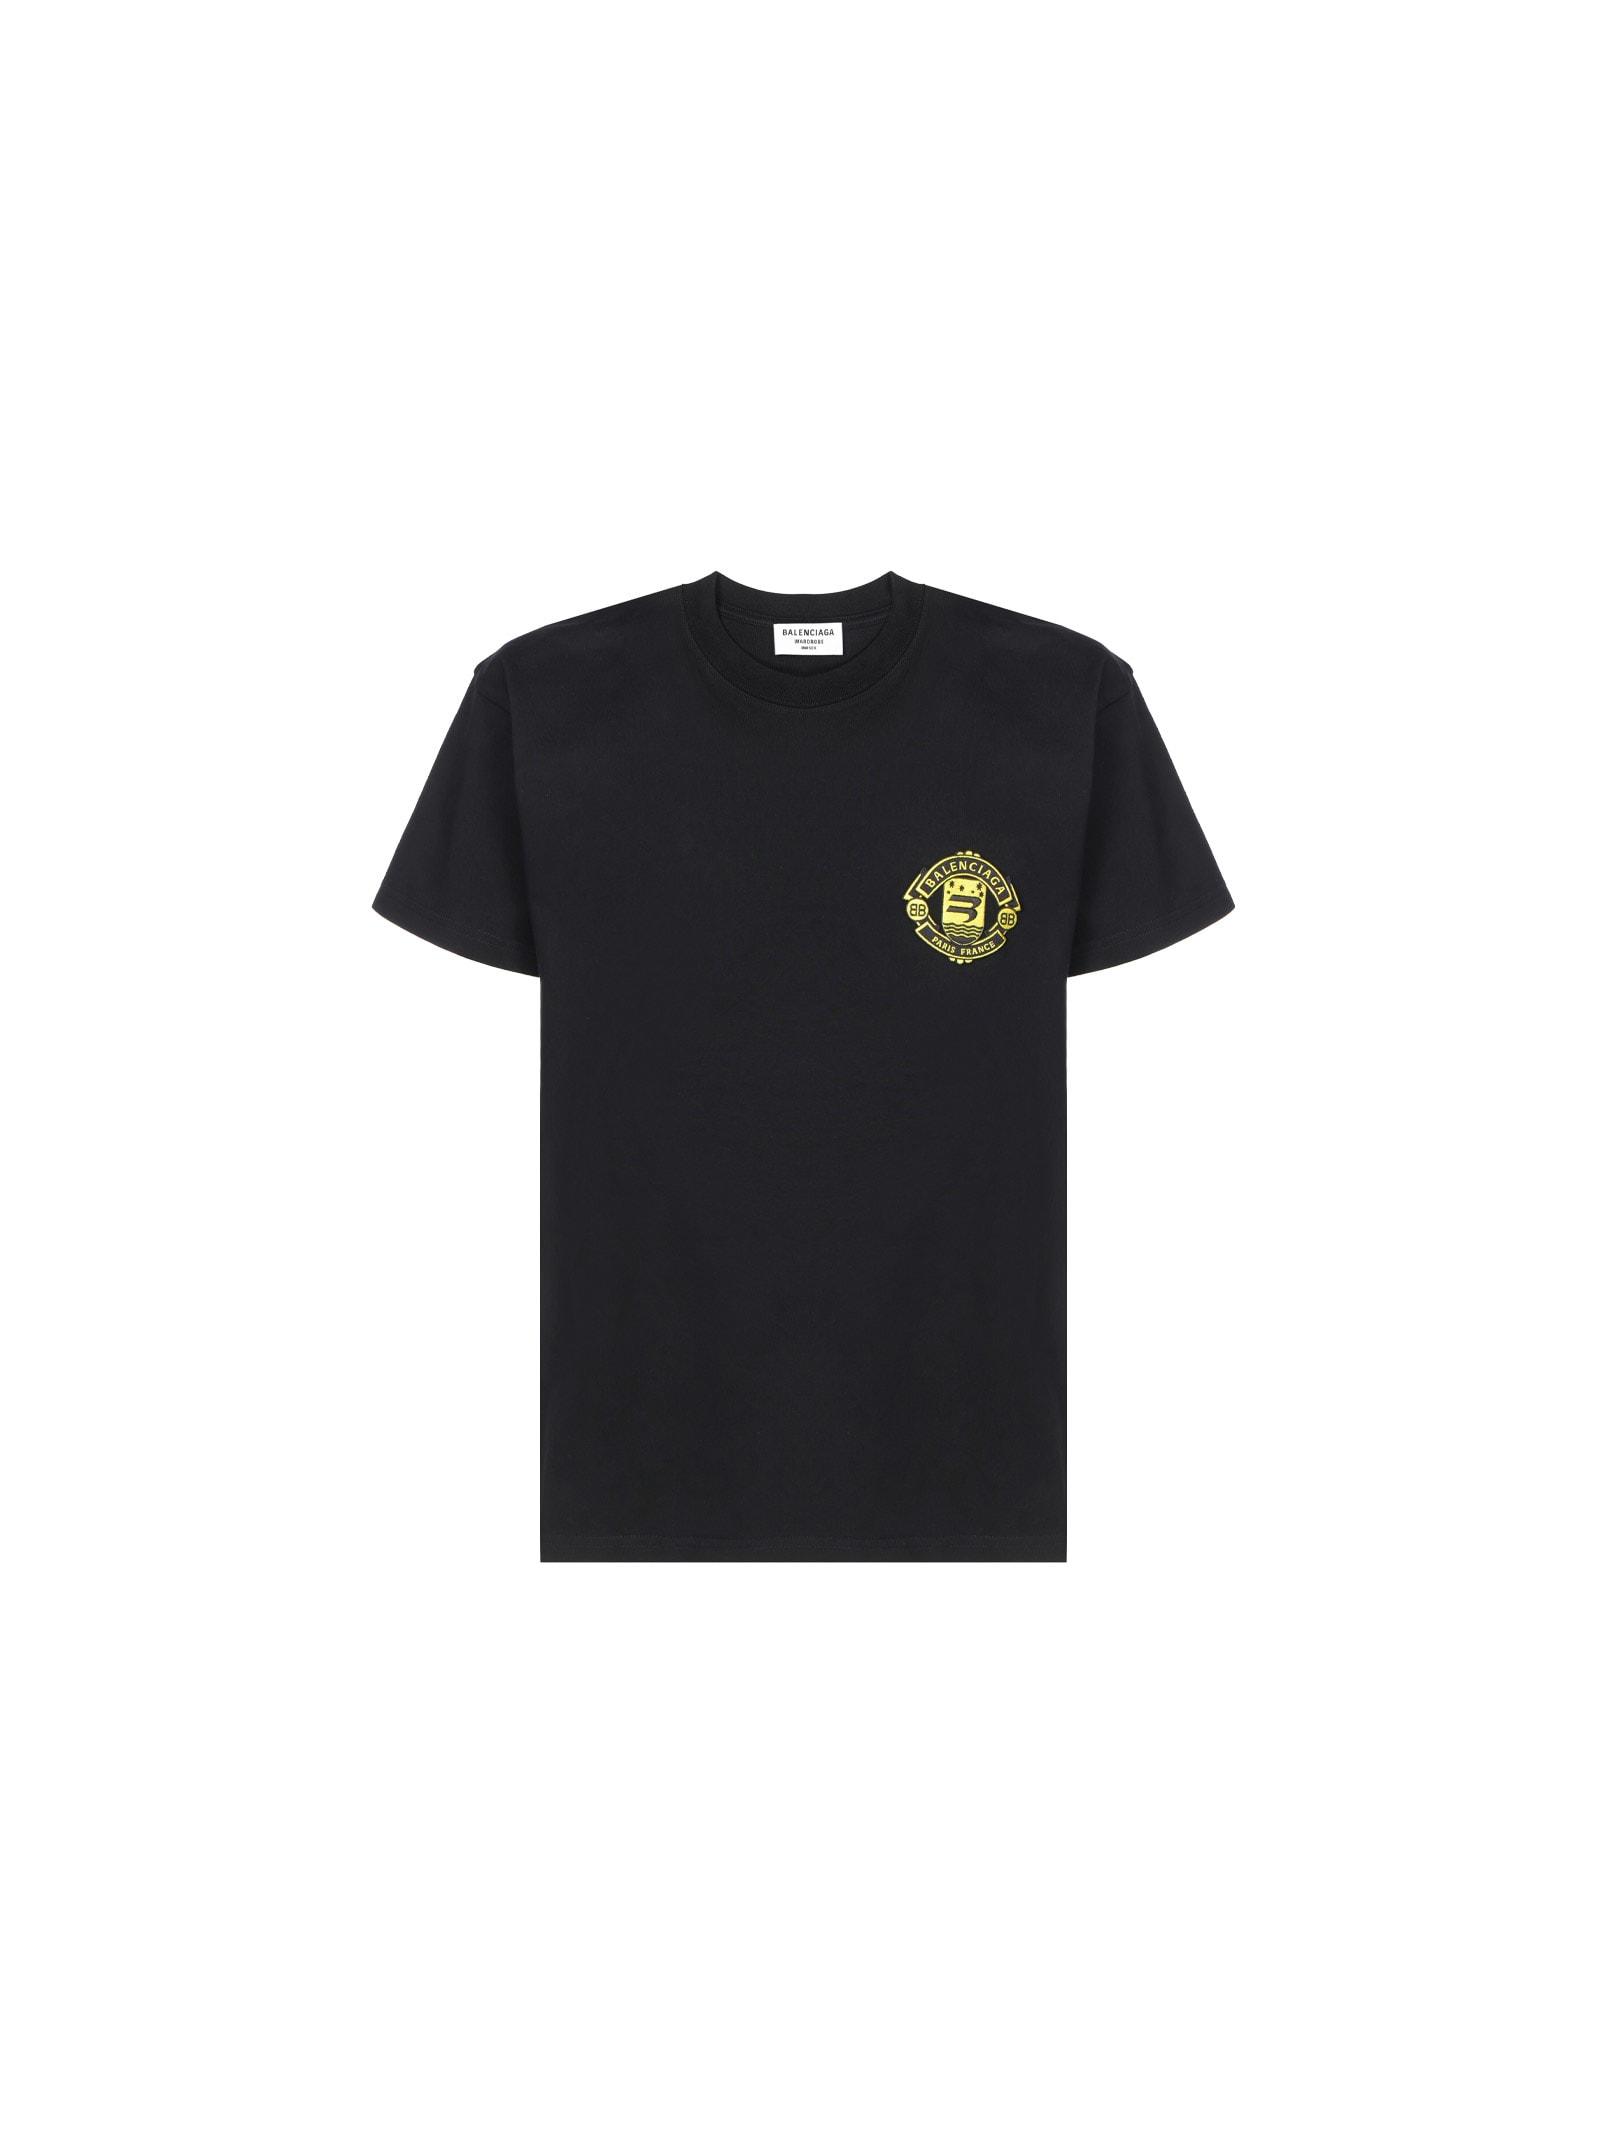 Balenciaga Barcode T-shirt In Black